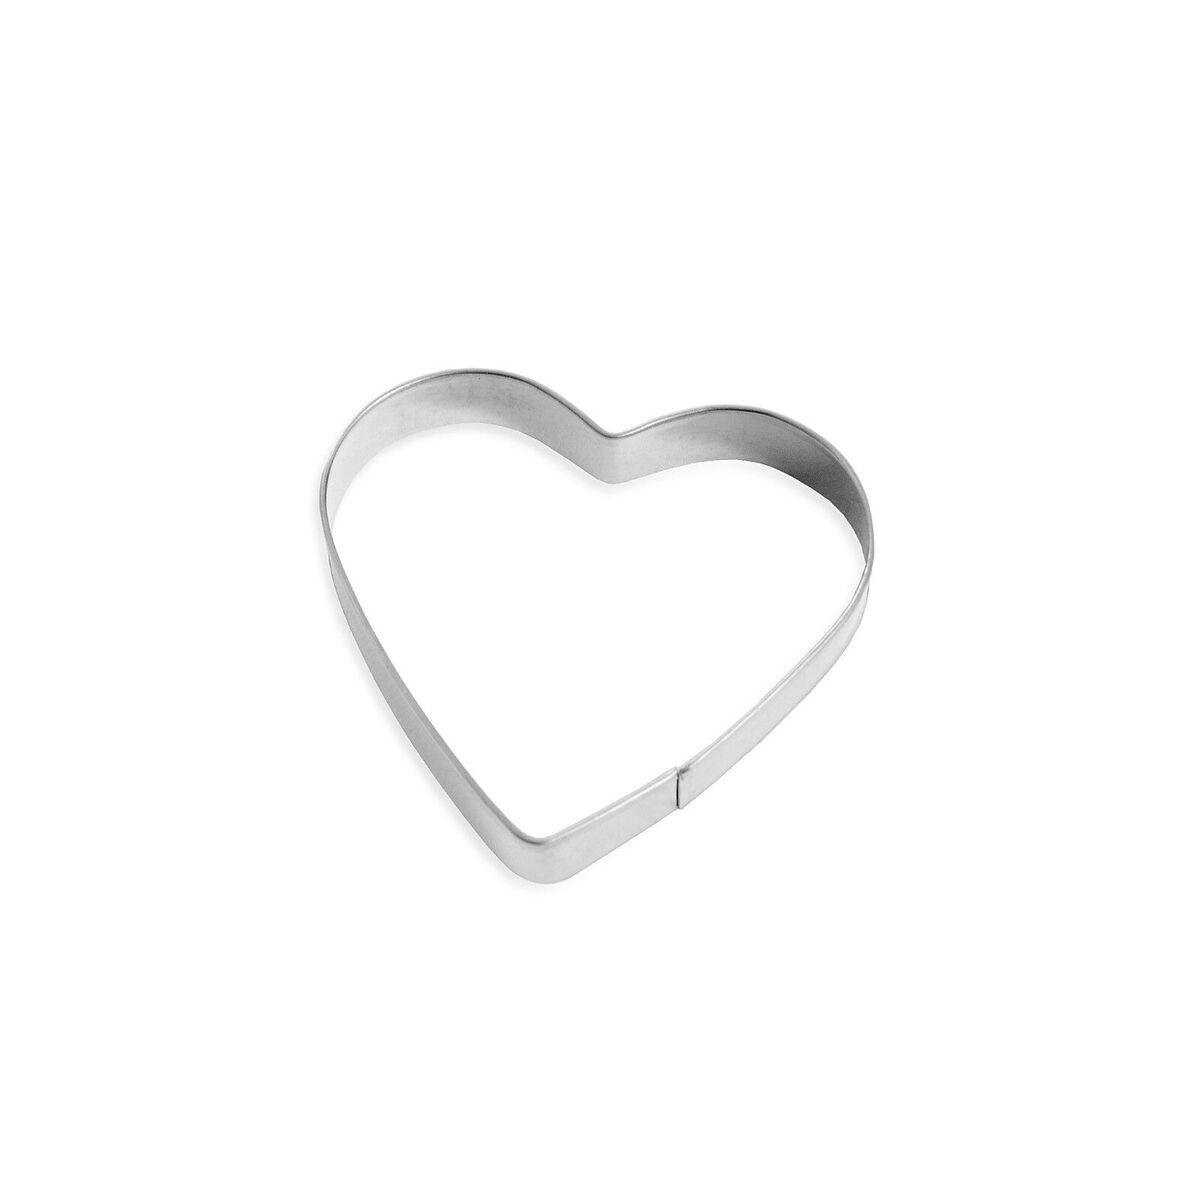 Bild 1 von Ausstechform Herz Edelstahl